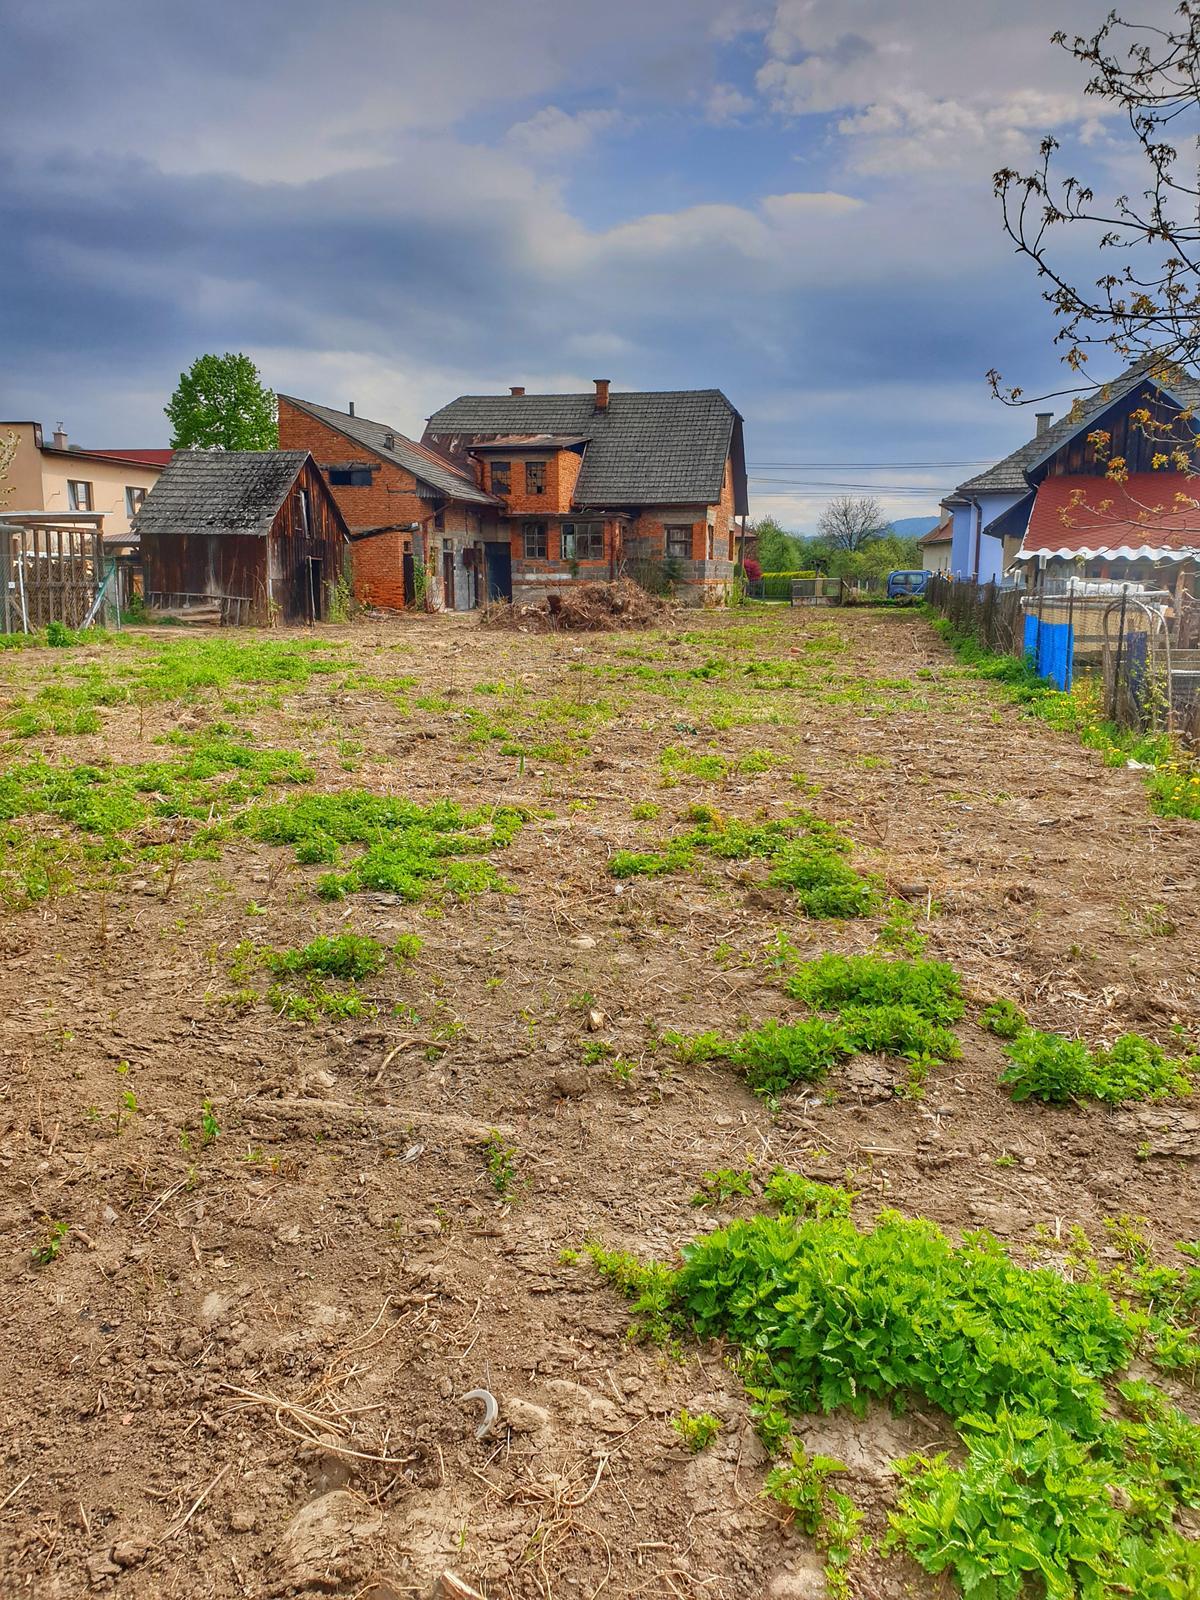 Rekonštrukcia domu-alebo chceme si splniť sen =》🏠🌻🌼🐶  mat domcek a vratit sa na Slovensko - Pohlad z jednej strany zahrady na cestu a domcek...